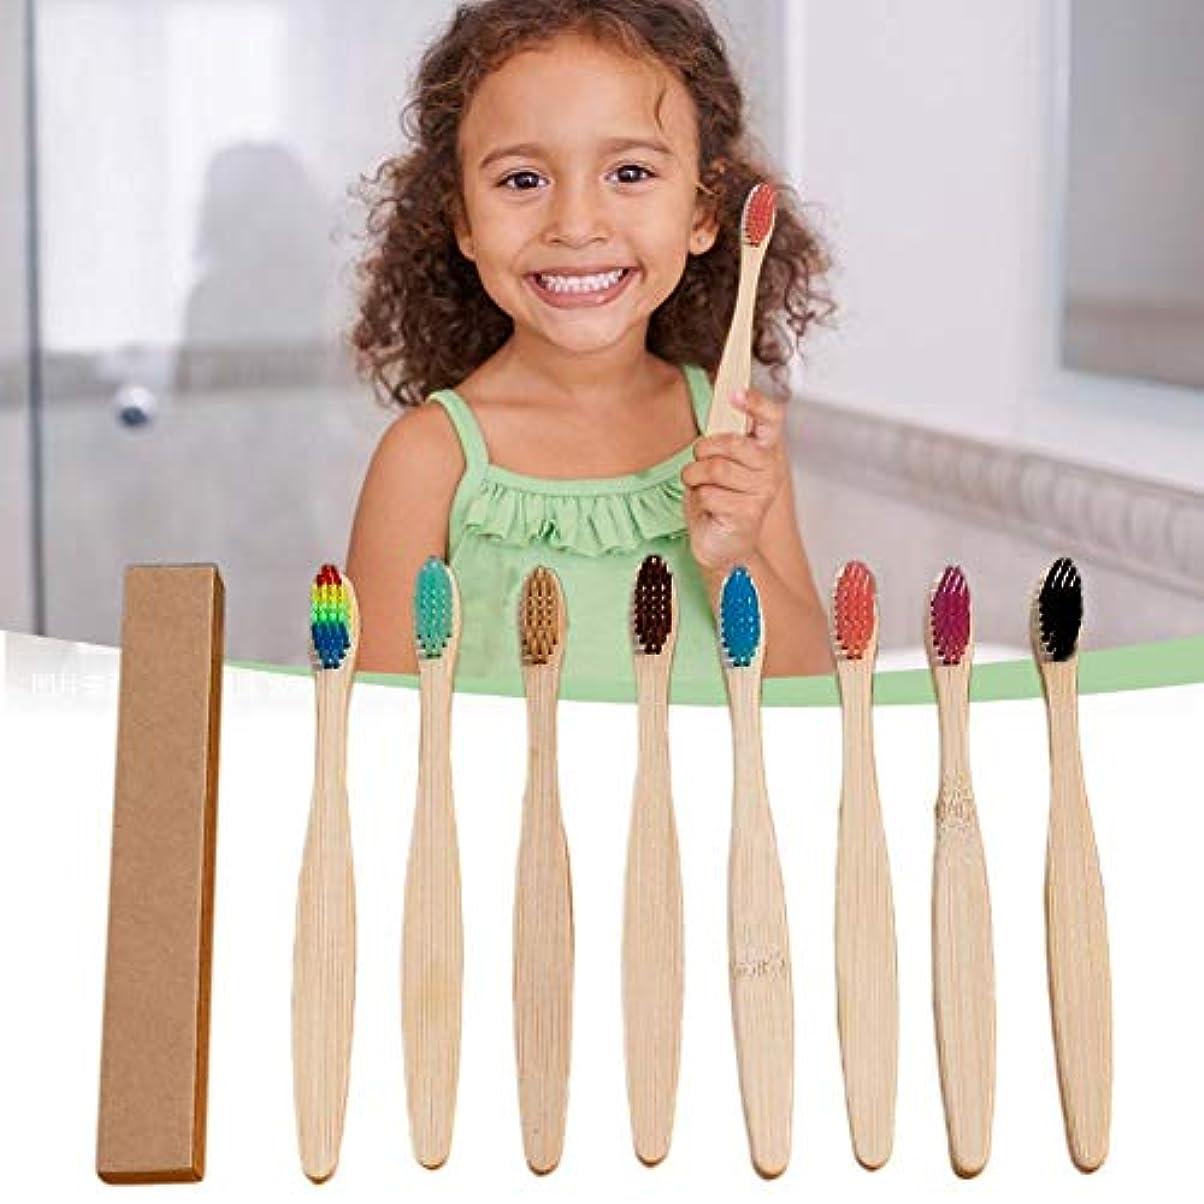 ロイヤリティ壊滅的な便宜10色竹歯ブラシ子供用竹歯ブラシソフトブリストル子供用歯ブラシセット口腔ケア用